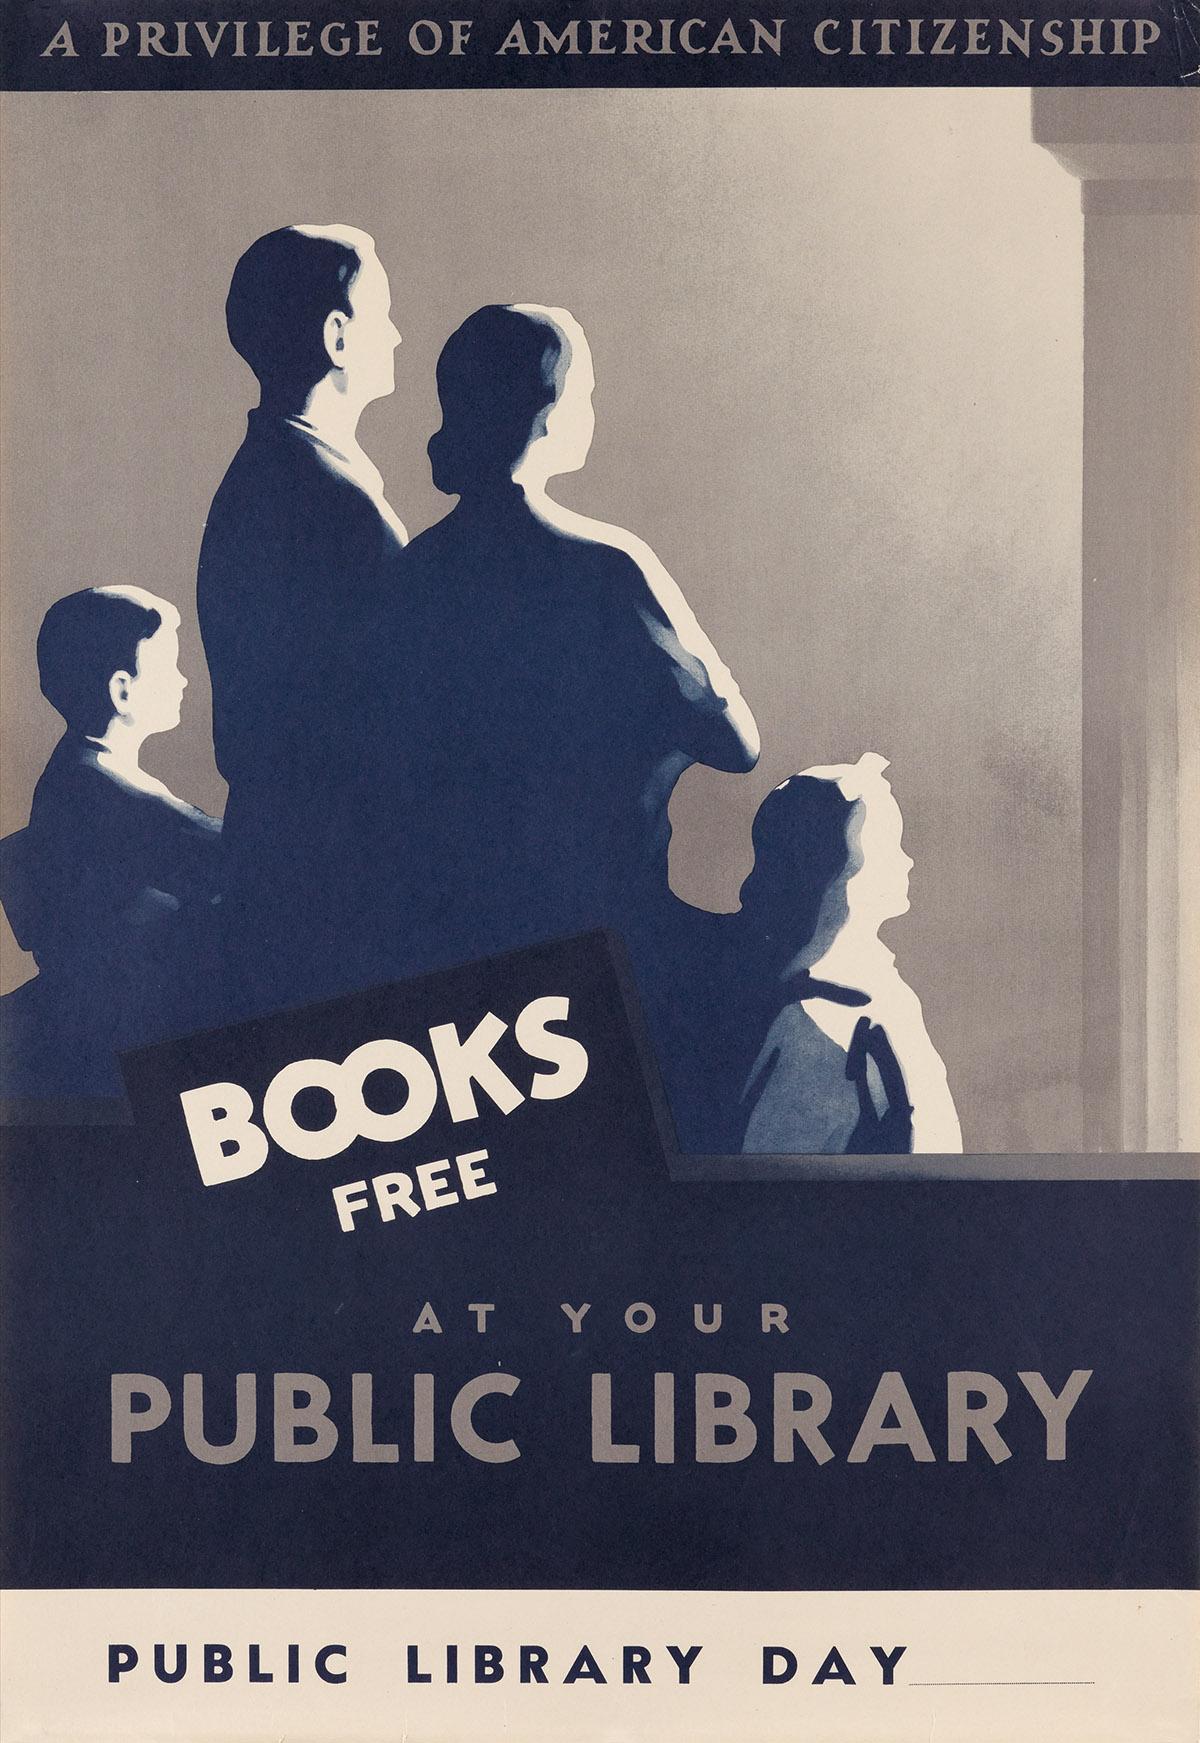 DESIGNER-UNKNOWN-A-PRIVILEGE-OF-AMERICAN-CITIZENSHIP--BOOKS-